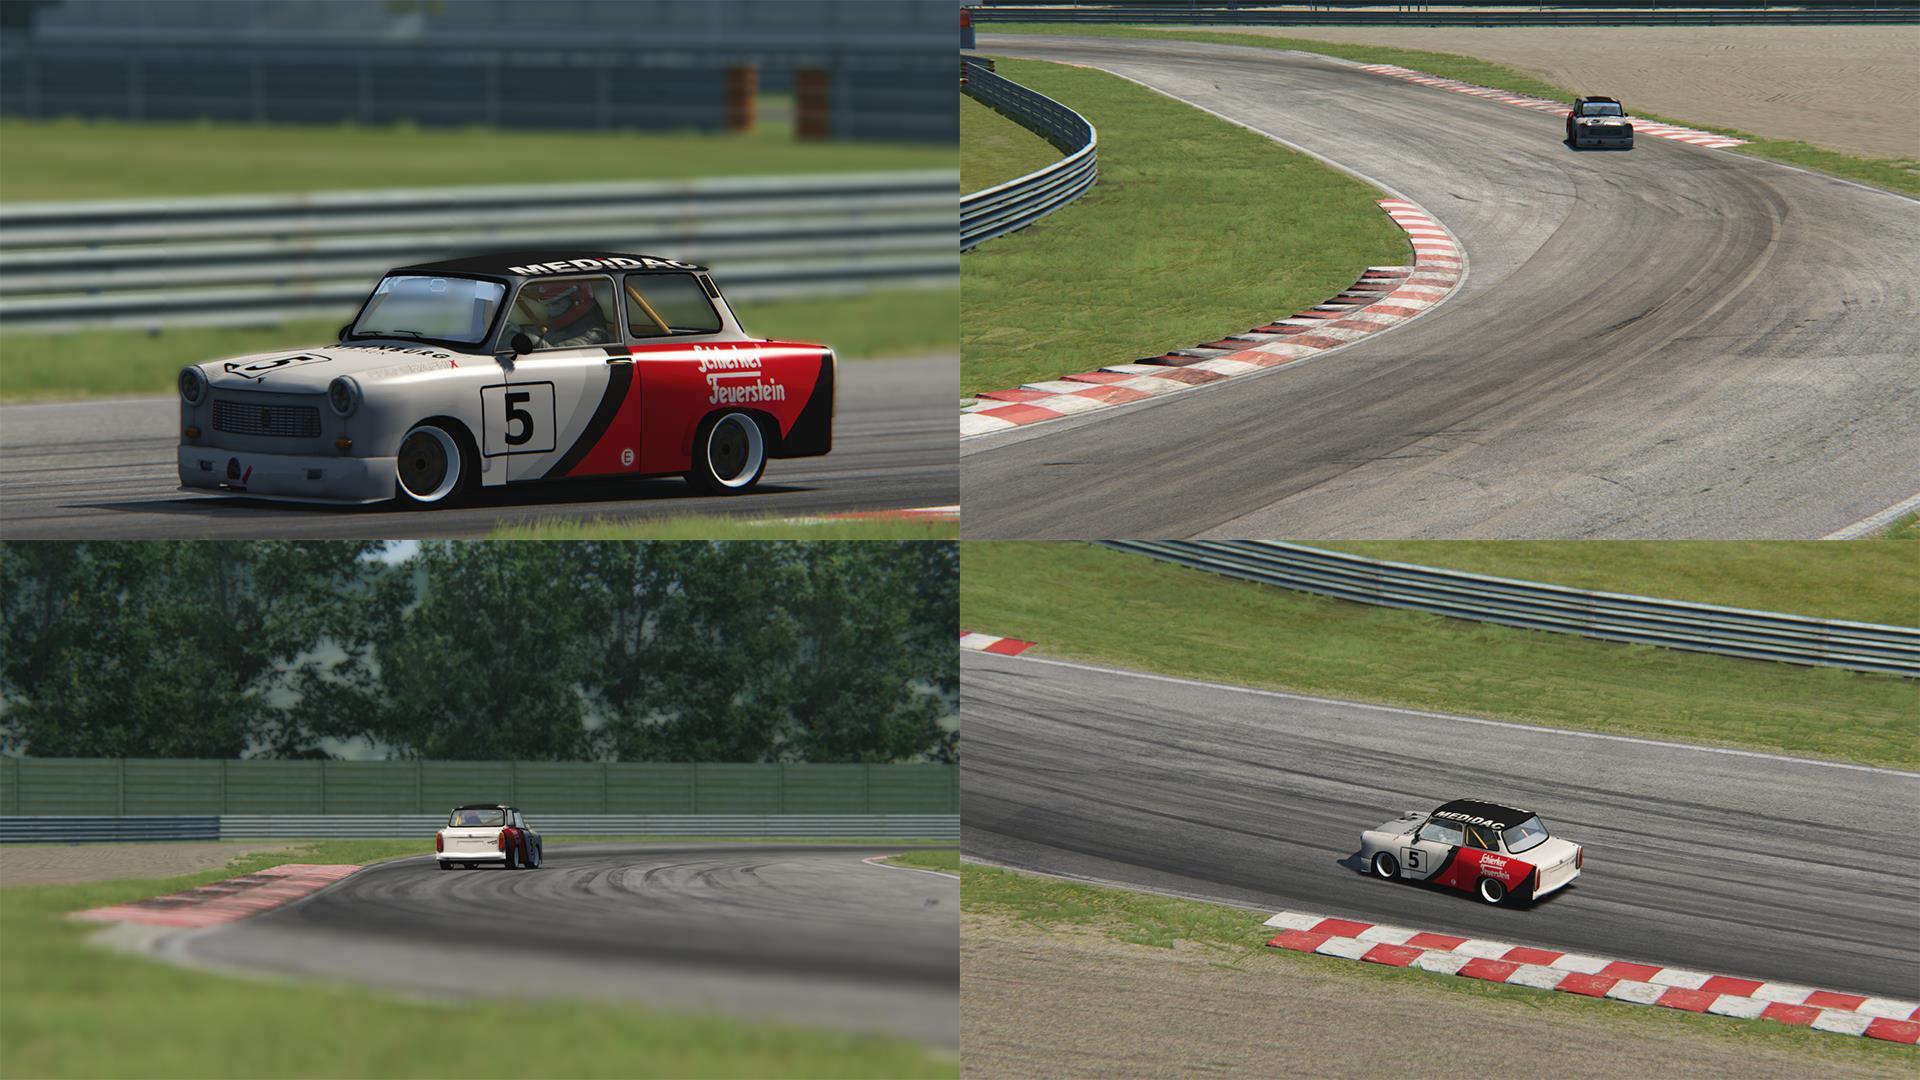 Závody trabantů v simulátoru Assetto Corsa 102620